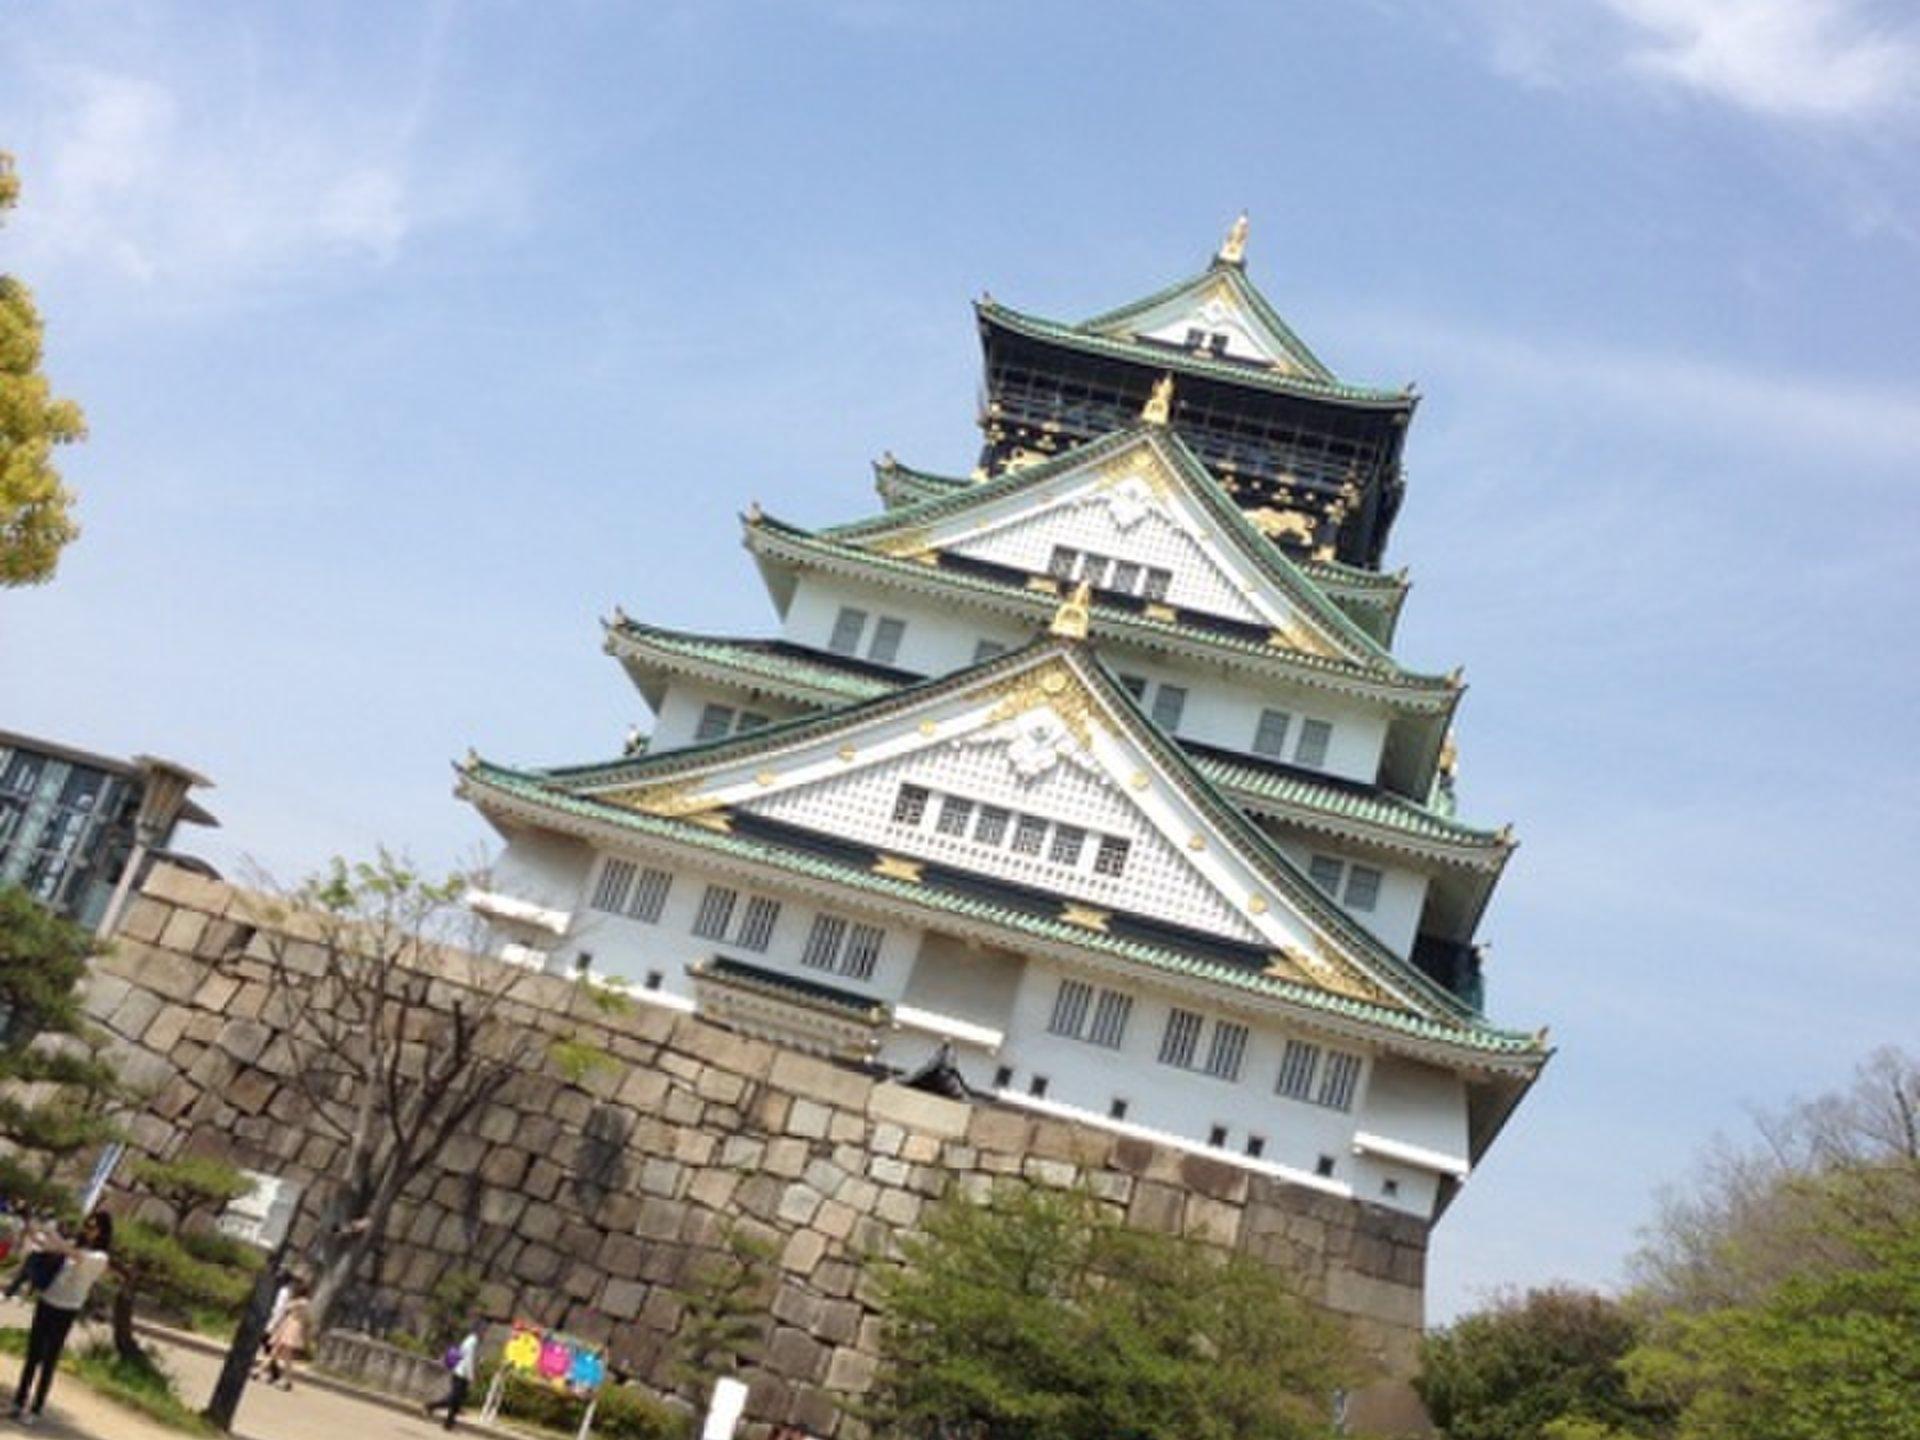 大阪プチ旅行!大阪城から通天閣食い倒れテッパンツアー!デートにも♪